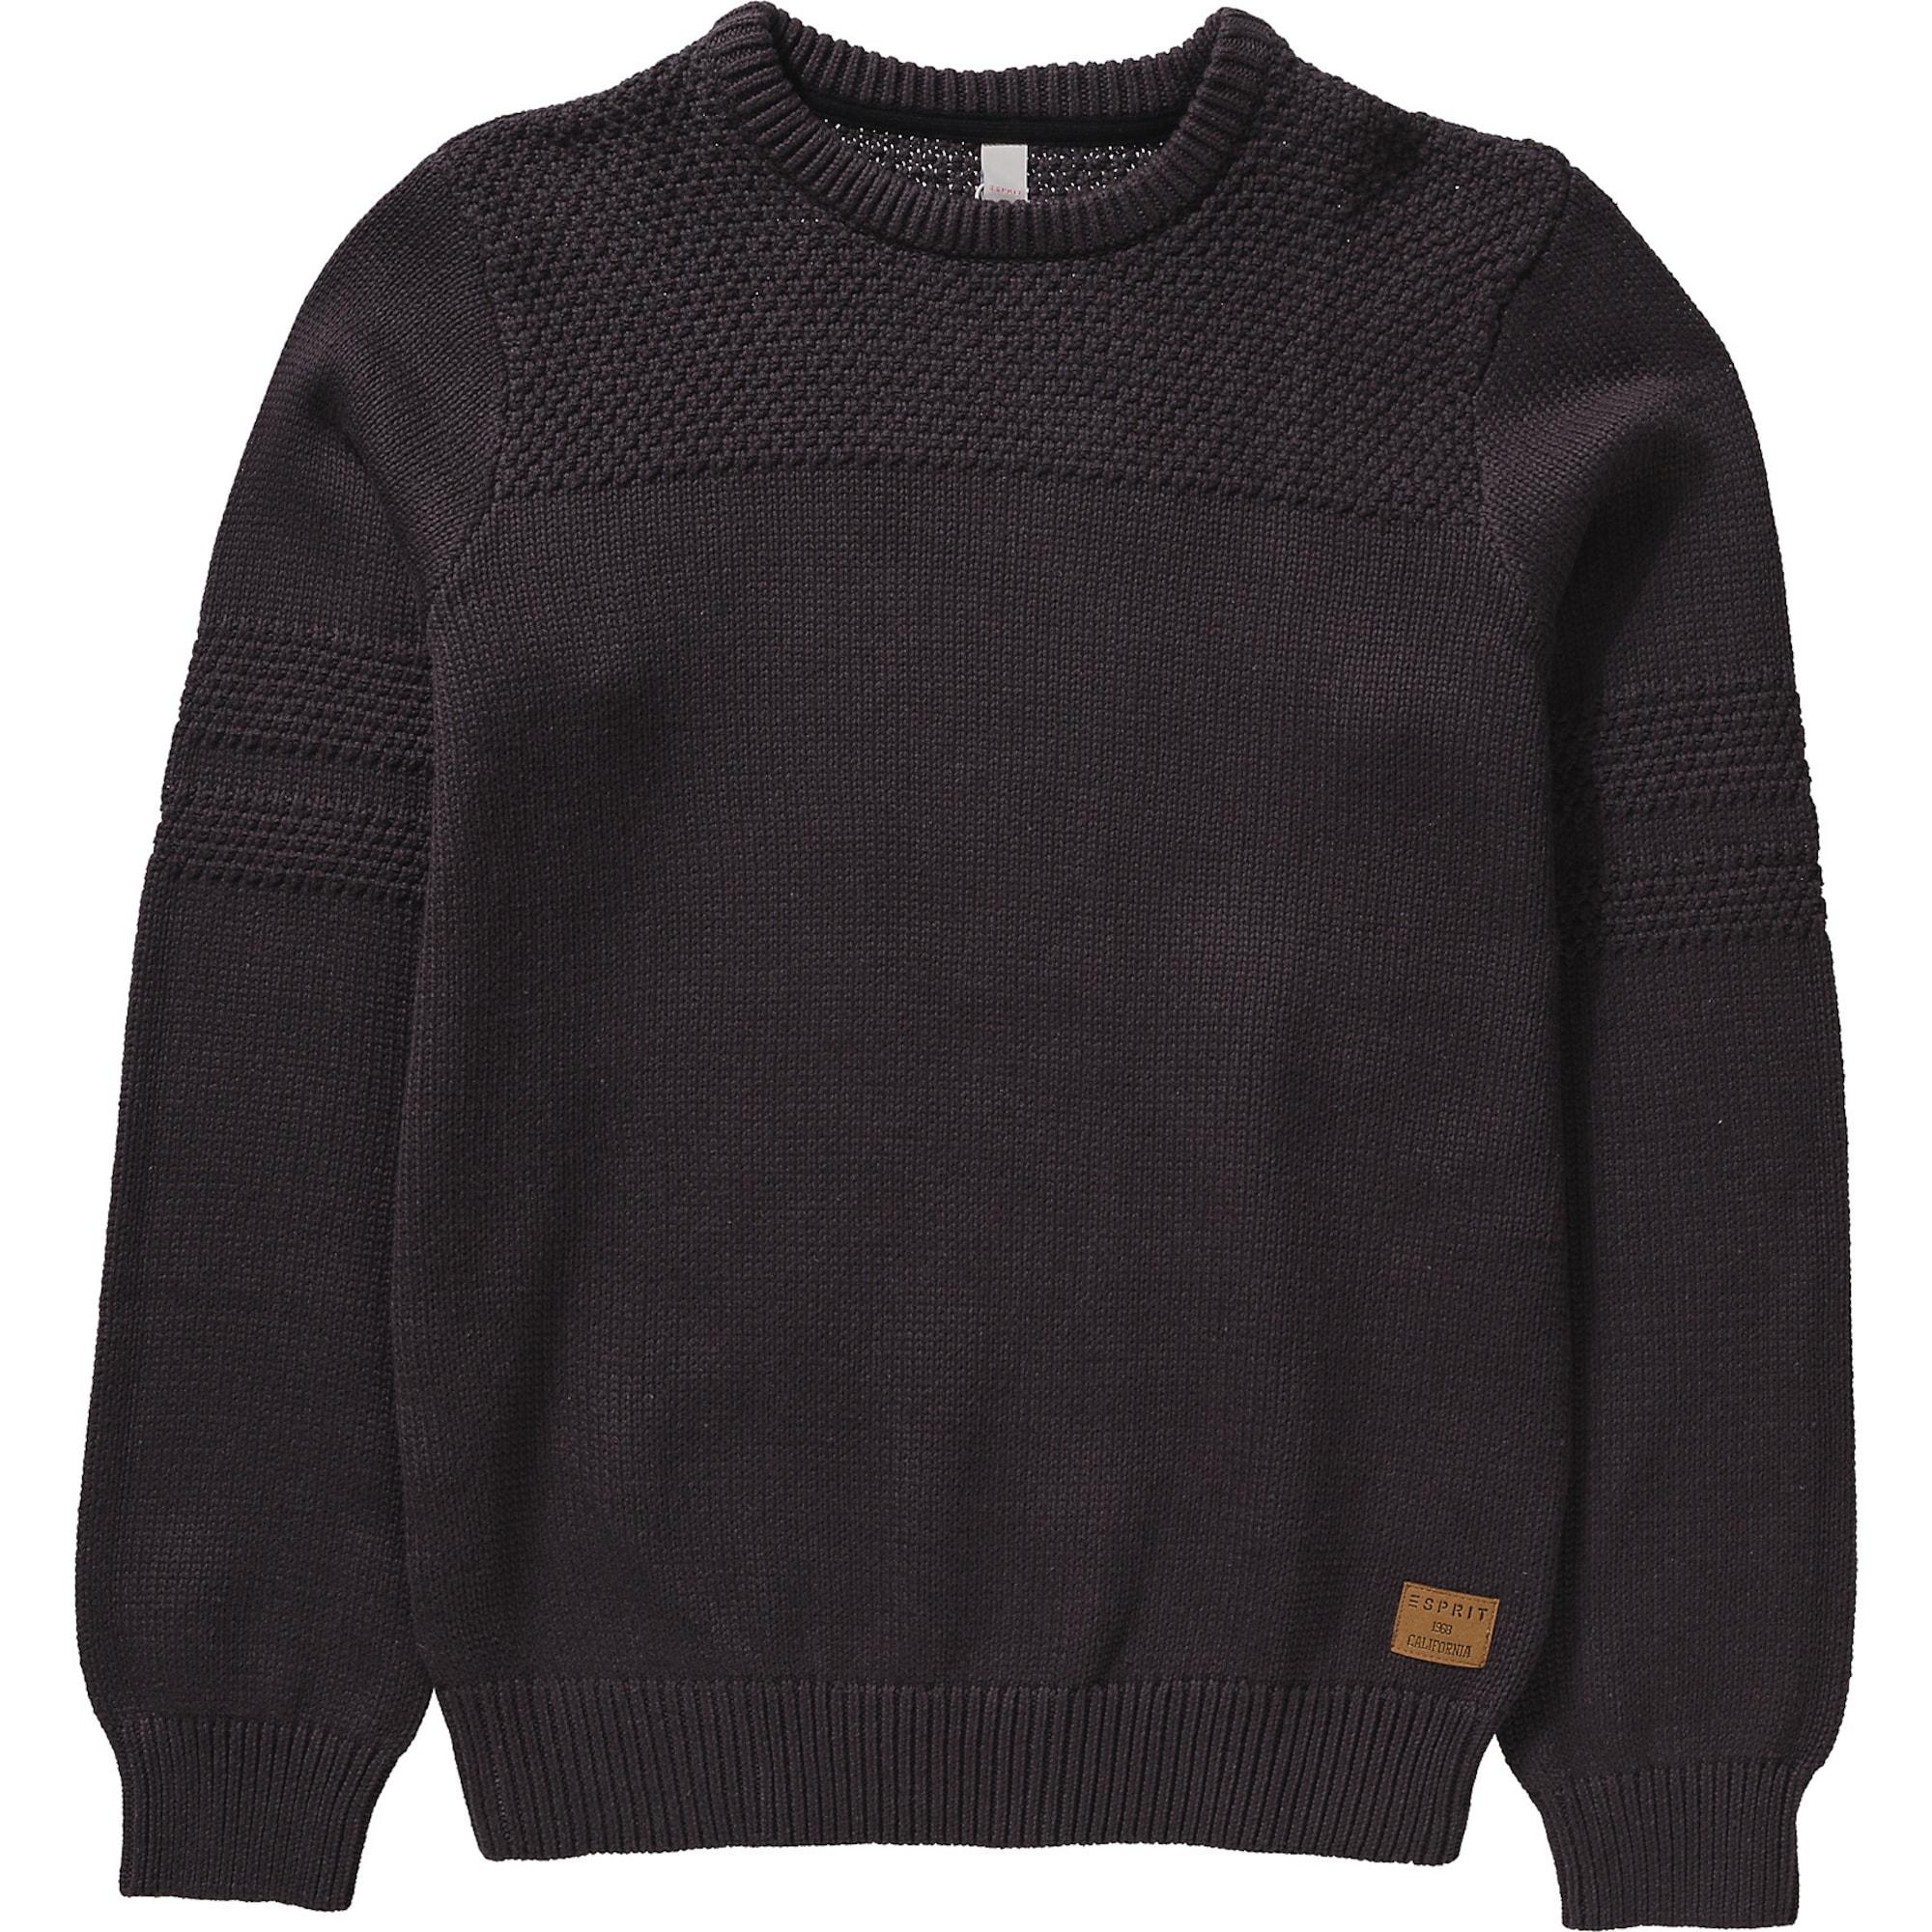 a8324dd64e6af Pullover auf Rechnung kaufen in der Schweiz